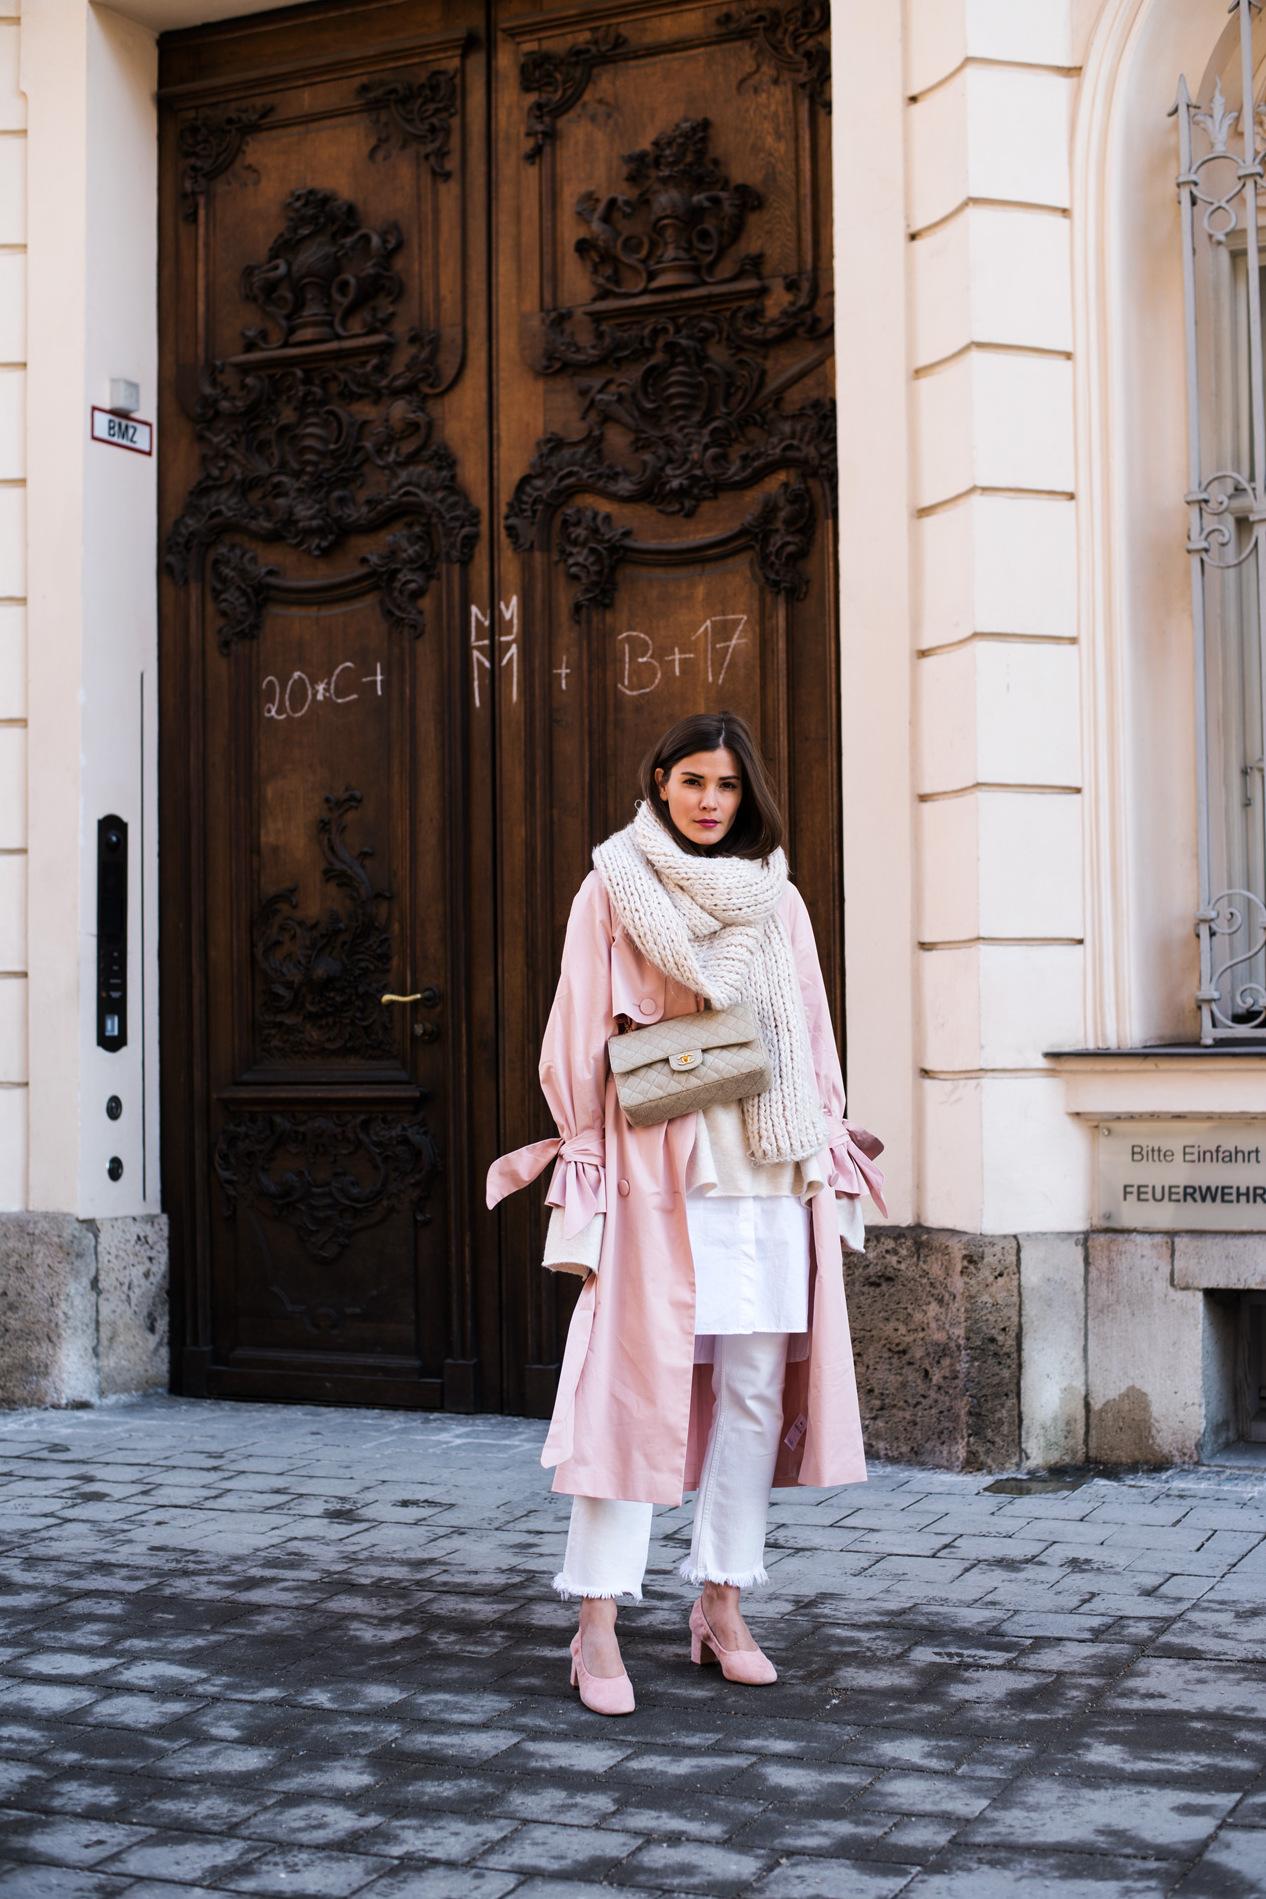 nina-schwichtenberg-mode-und-lifestyle-log-deutschland-münchen-vollzeit-fashionbloggerin-fashiioncarpet